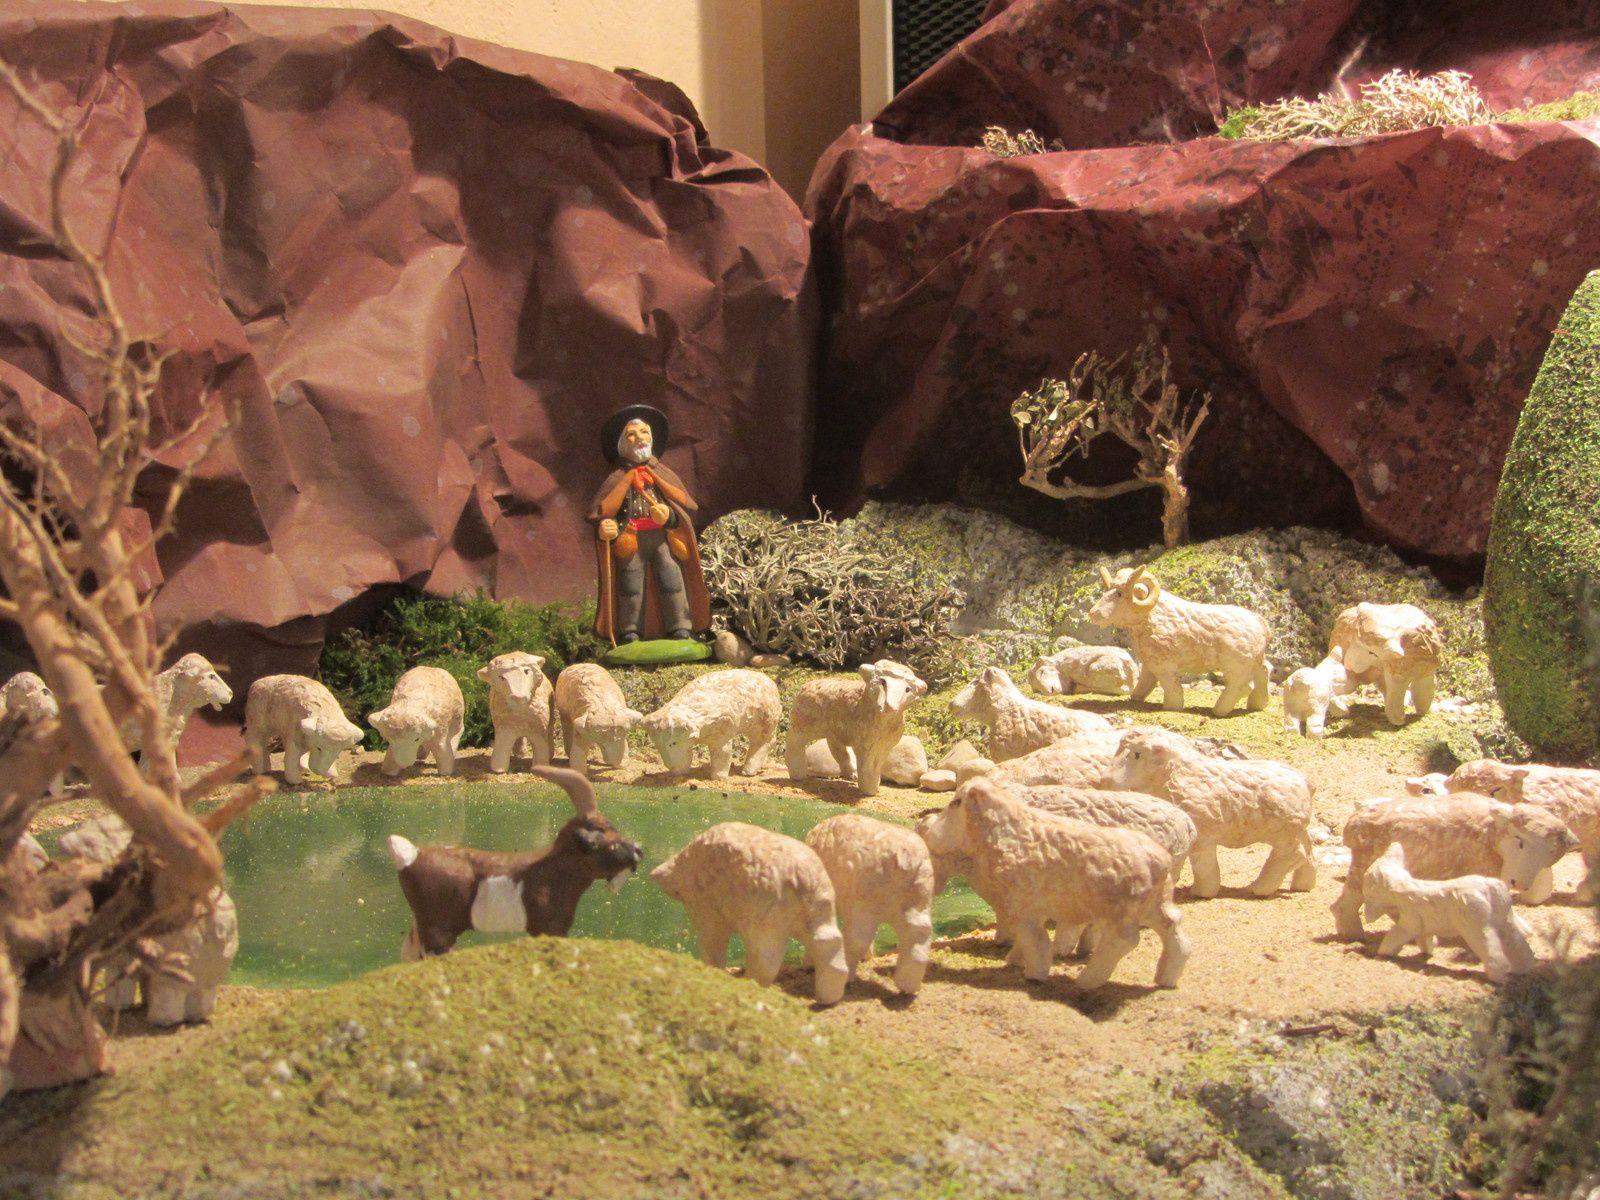 Je n'ai pas compté les moutons qui dévalaient la colline , mais il y en avait beaucoup !